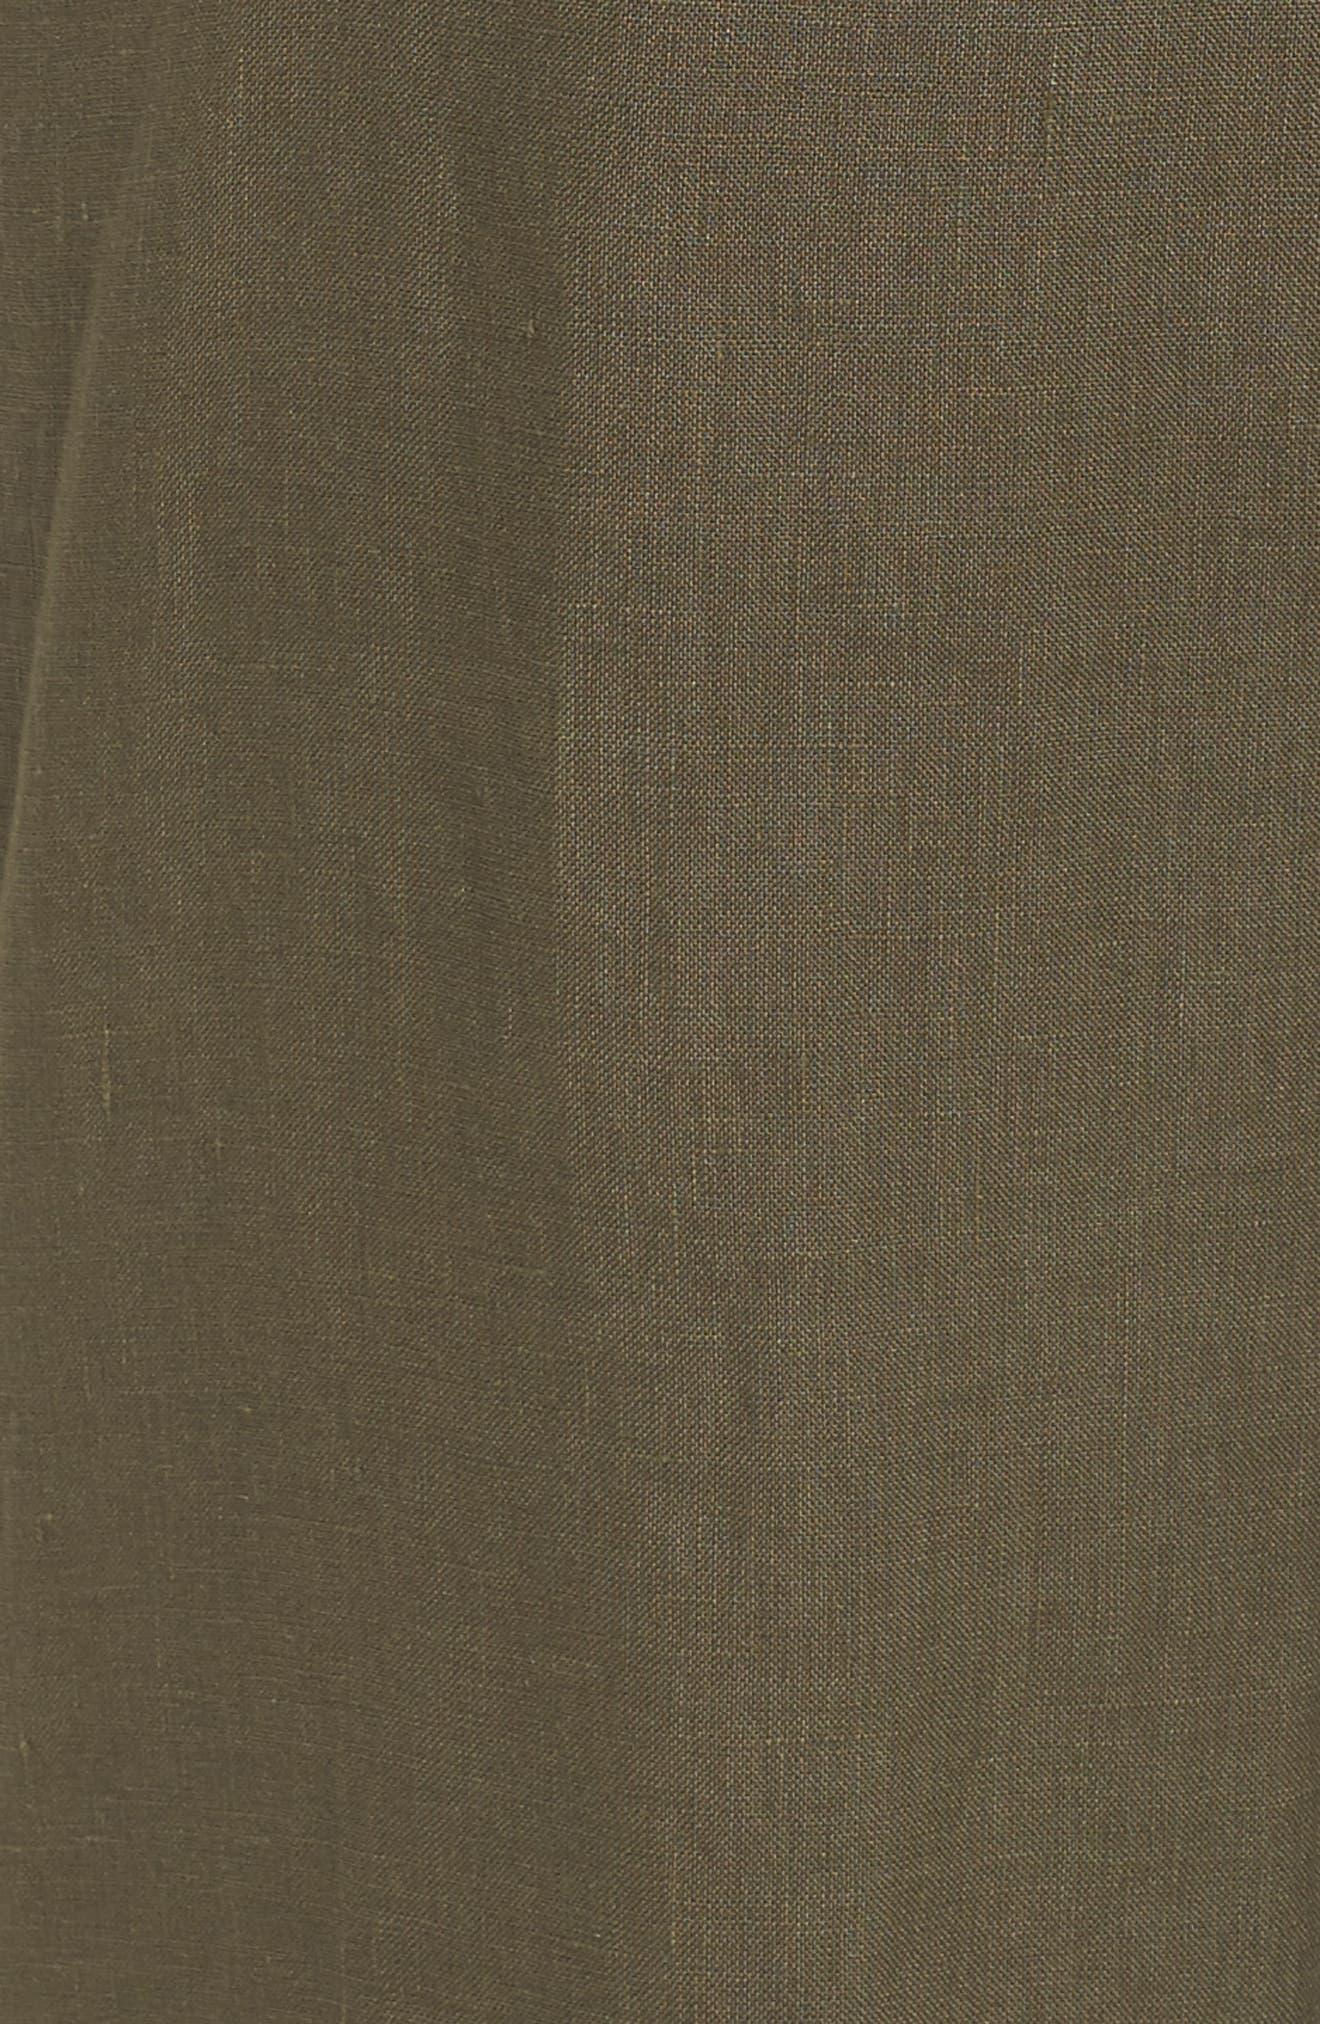 Wide Leg Crop Linen Pants,                             Alternate thumbnail 6, color,                             Olive Sarma